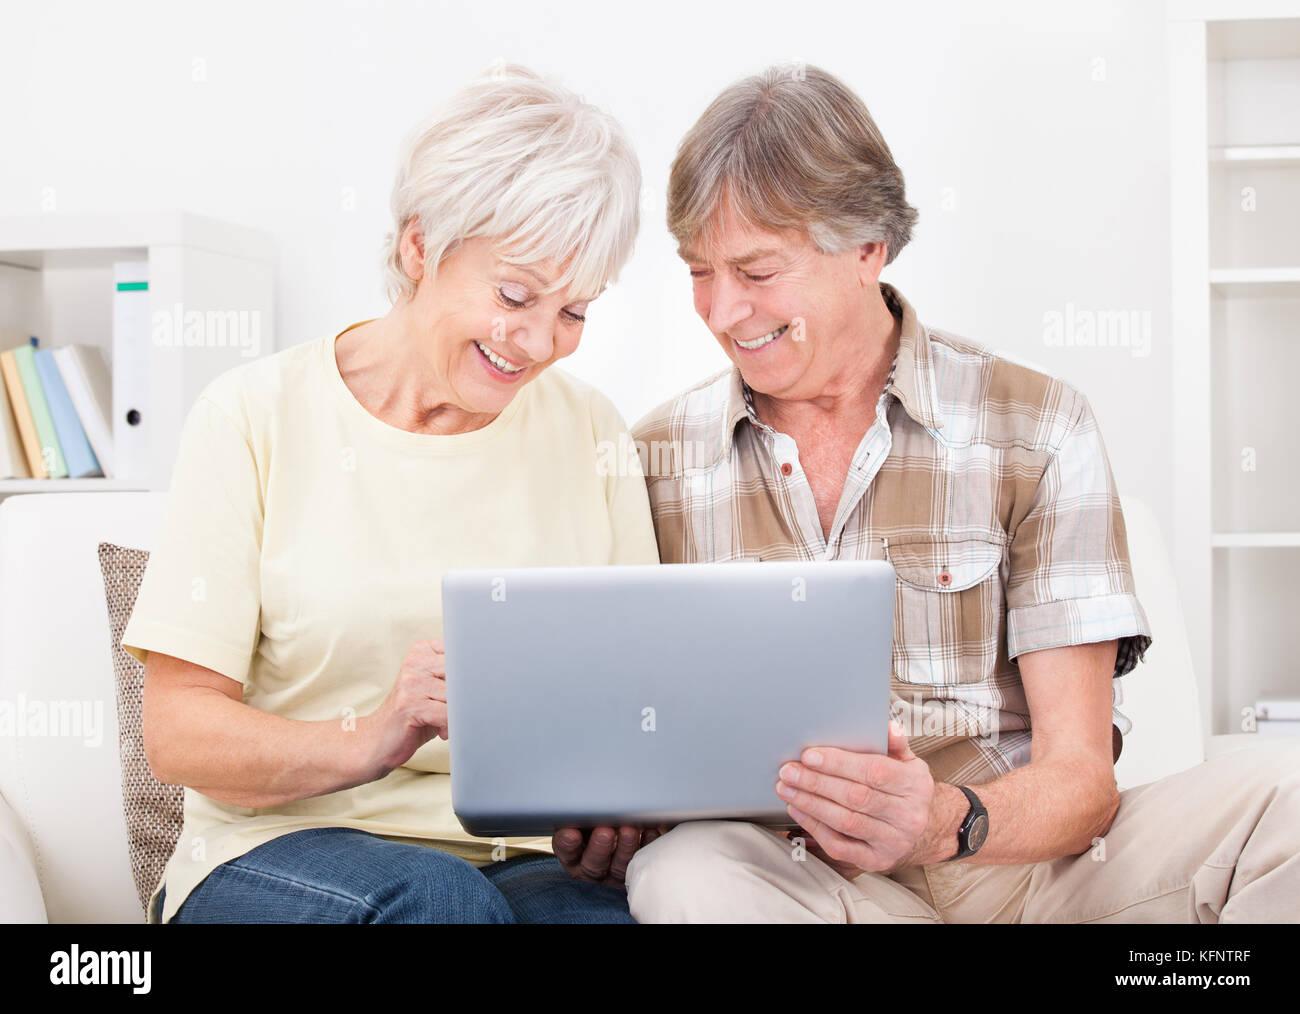 Retrato de la feliz pareja senior sentado en sofá con ordenador portátil Foto de stock